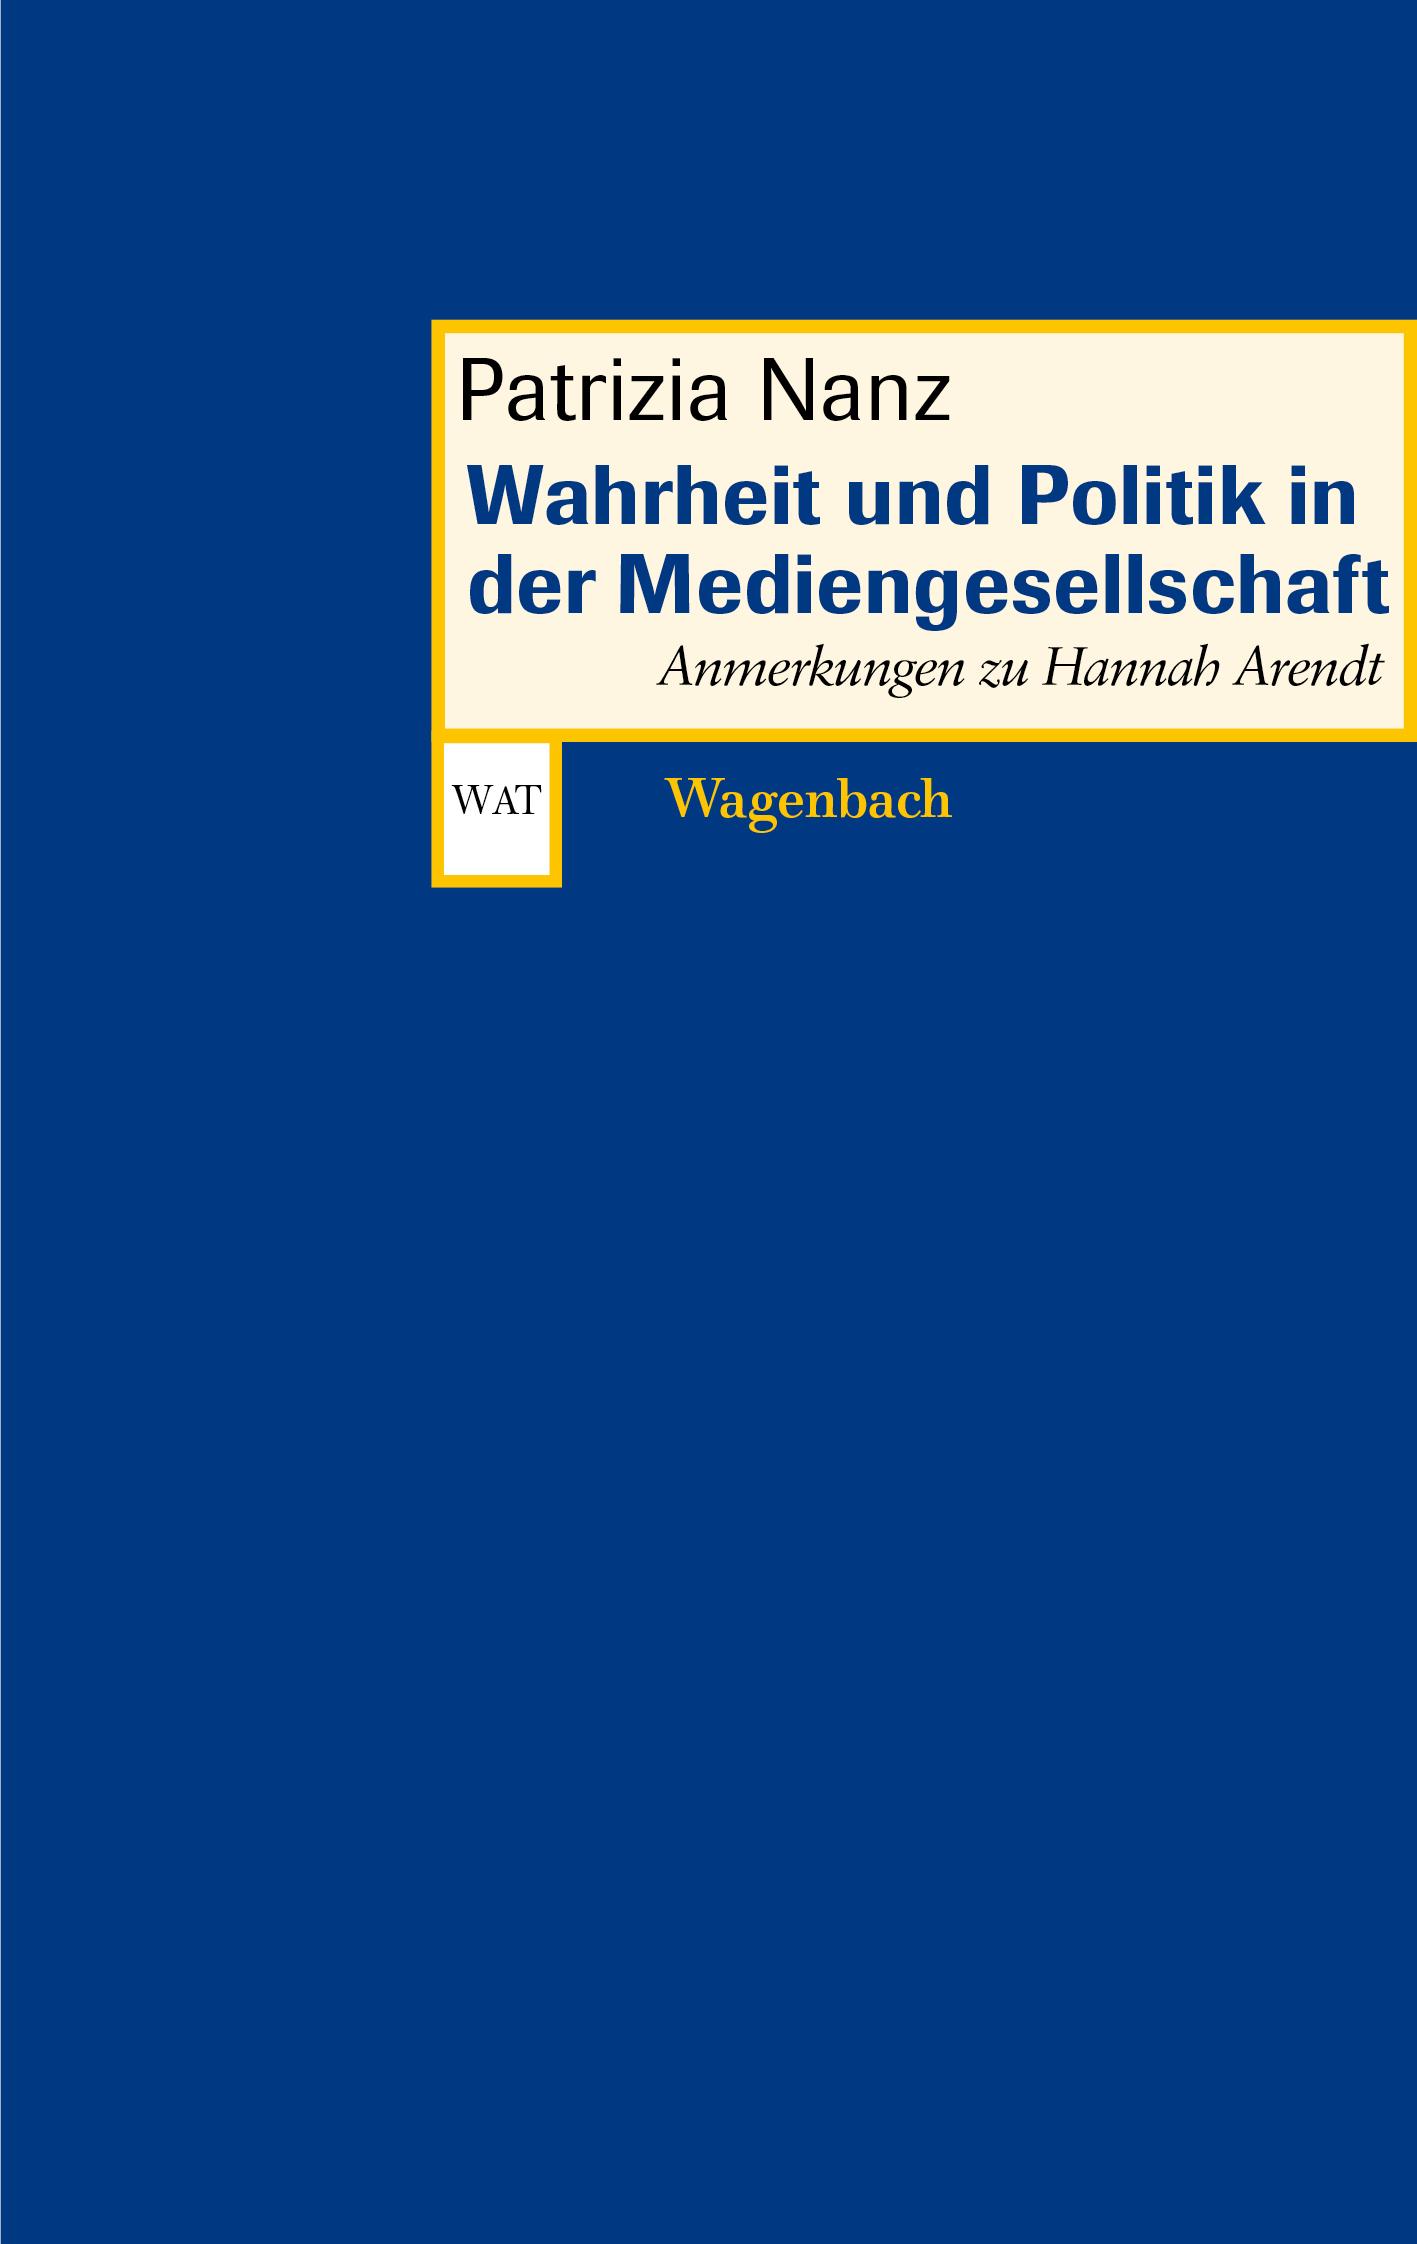 Patrizia Nanz Wahrheit und Politik in der Mediengesellschaft